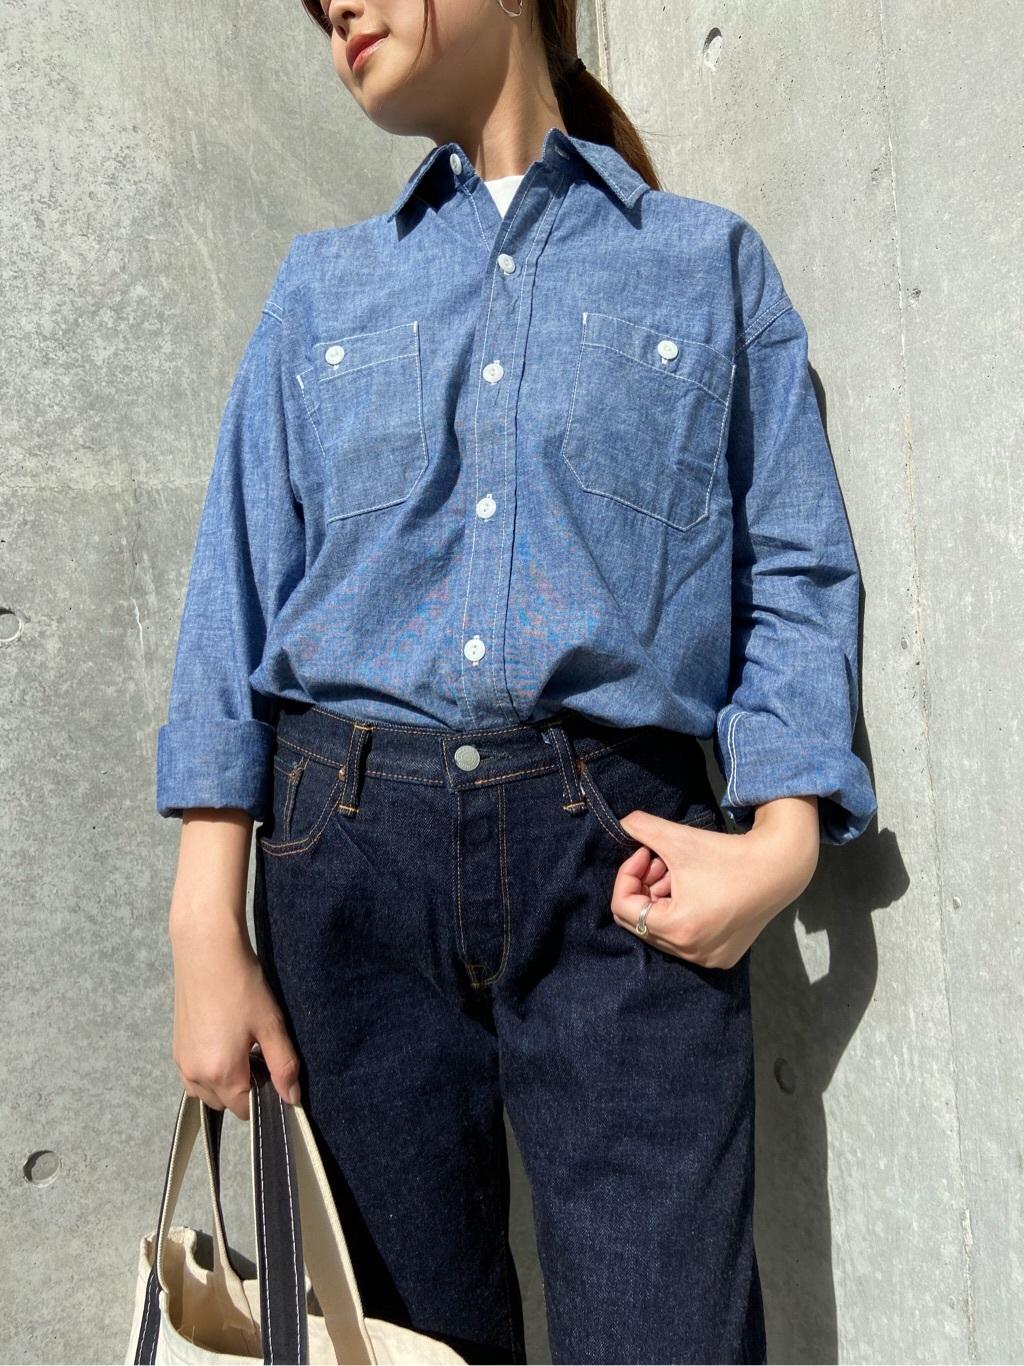 TOKYO HARAJUKU店のFemale StaffさんのEDWINの【コンセプトショップ限定】WORK SHIRTSを使ったコーディネート